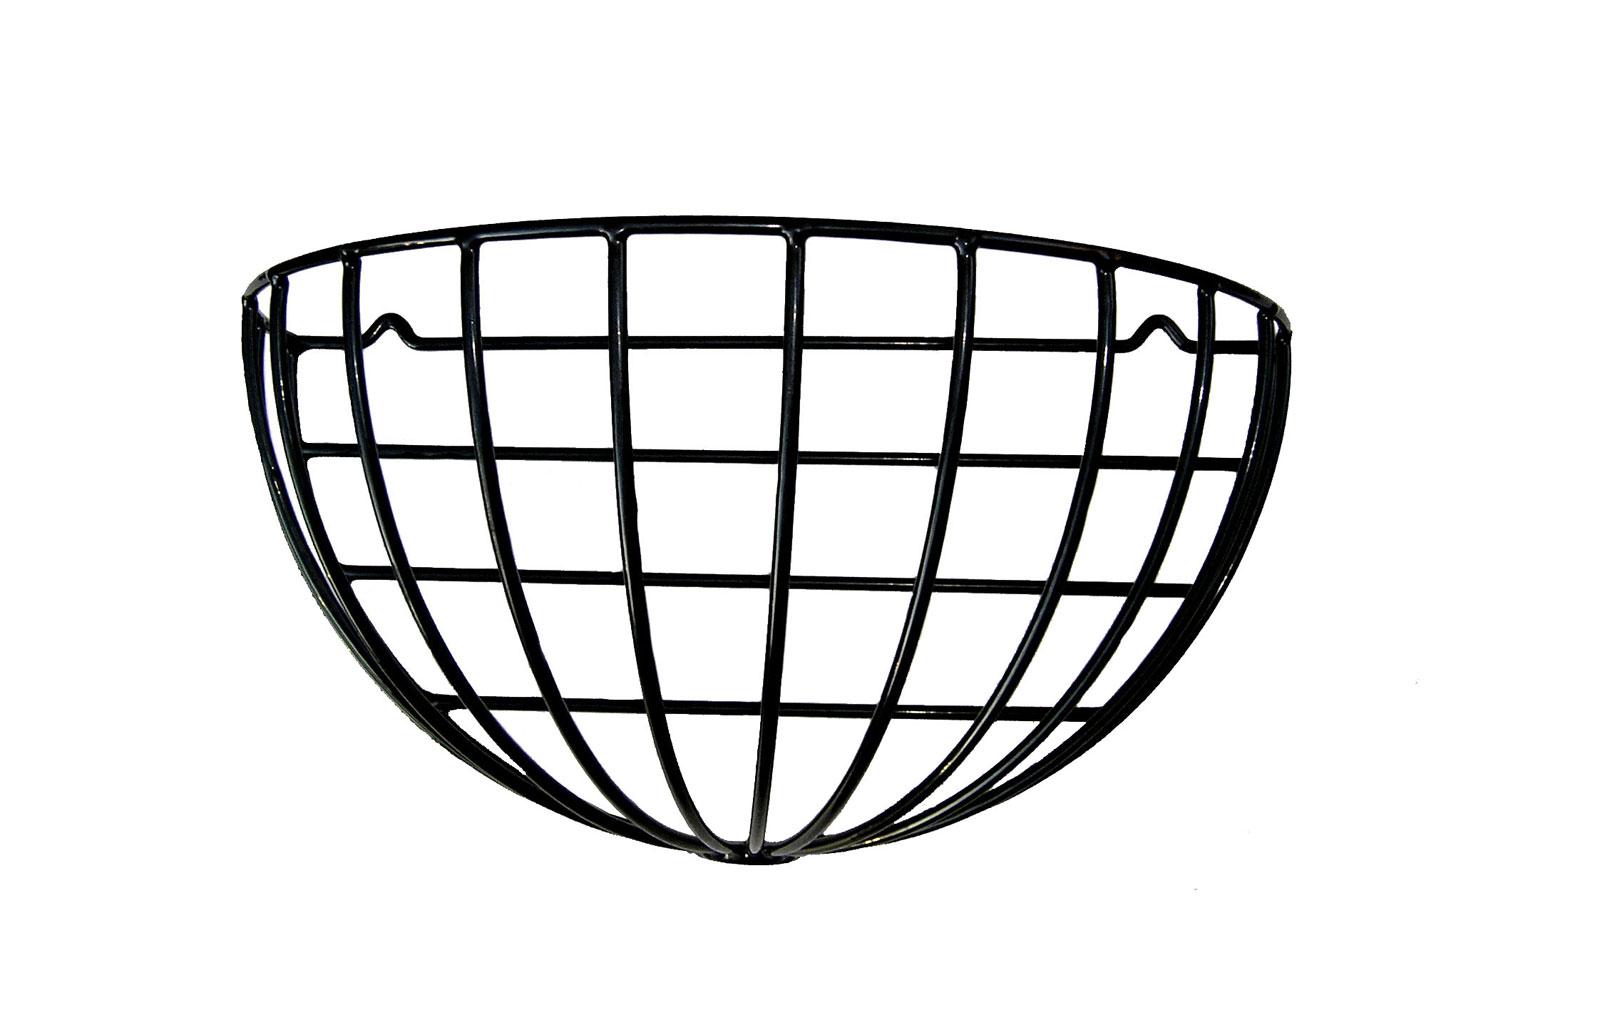 22 Wide Hayrack Wall Basket